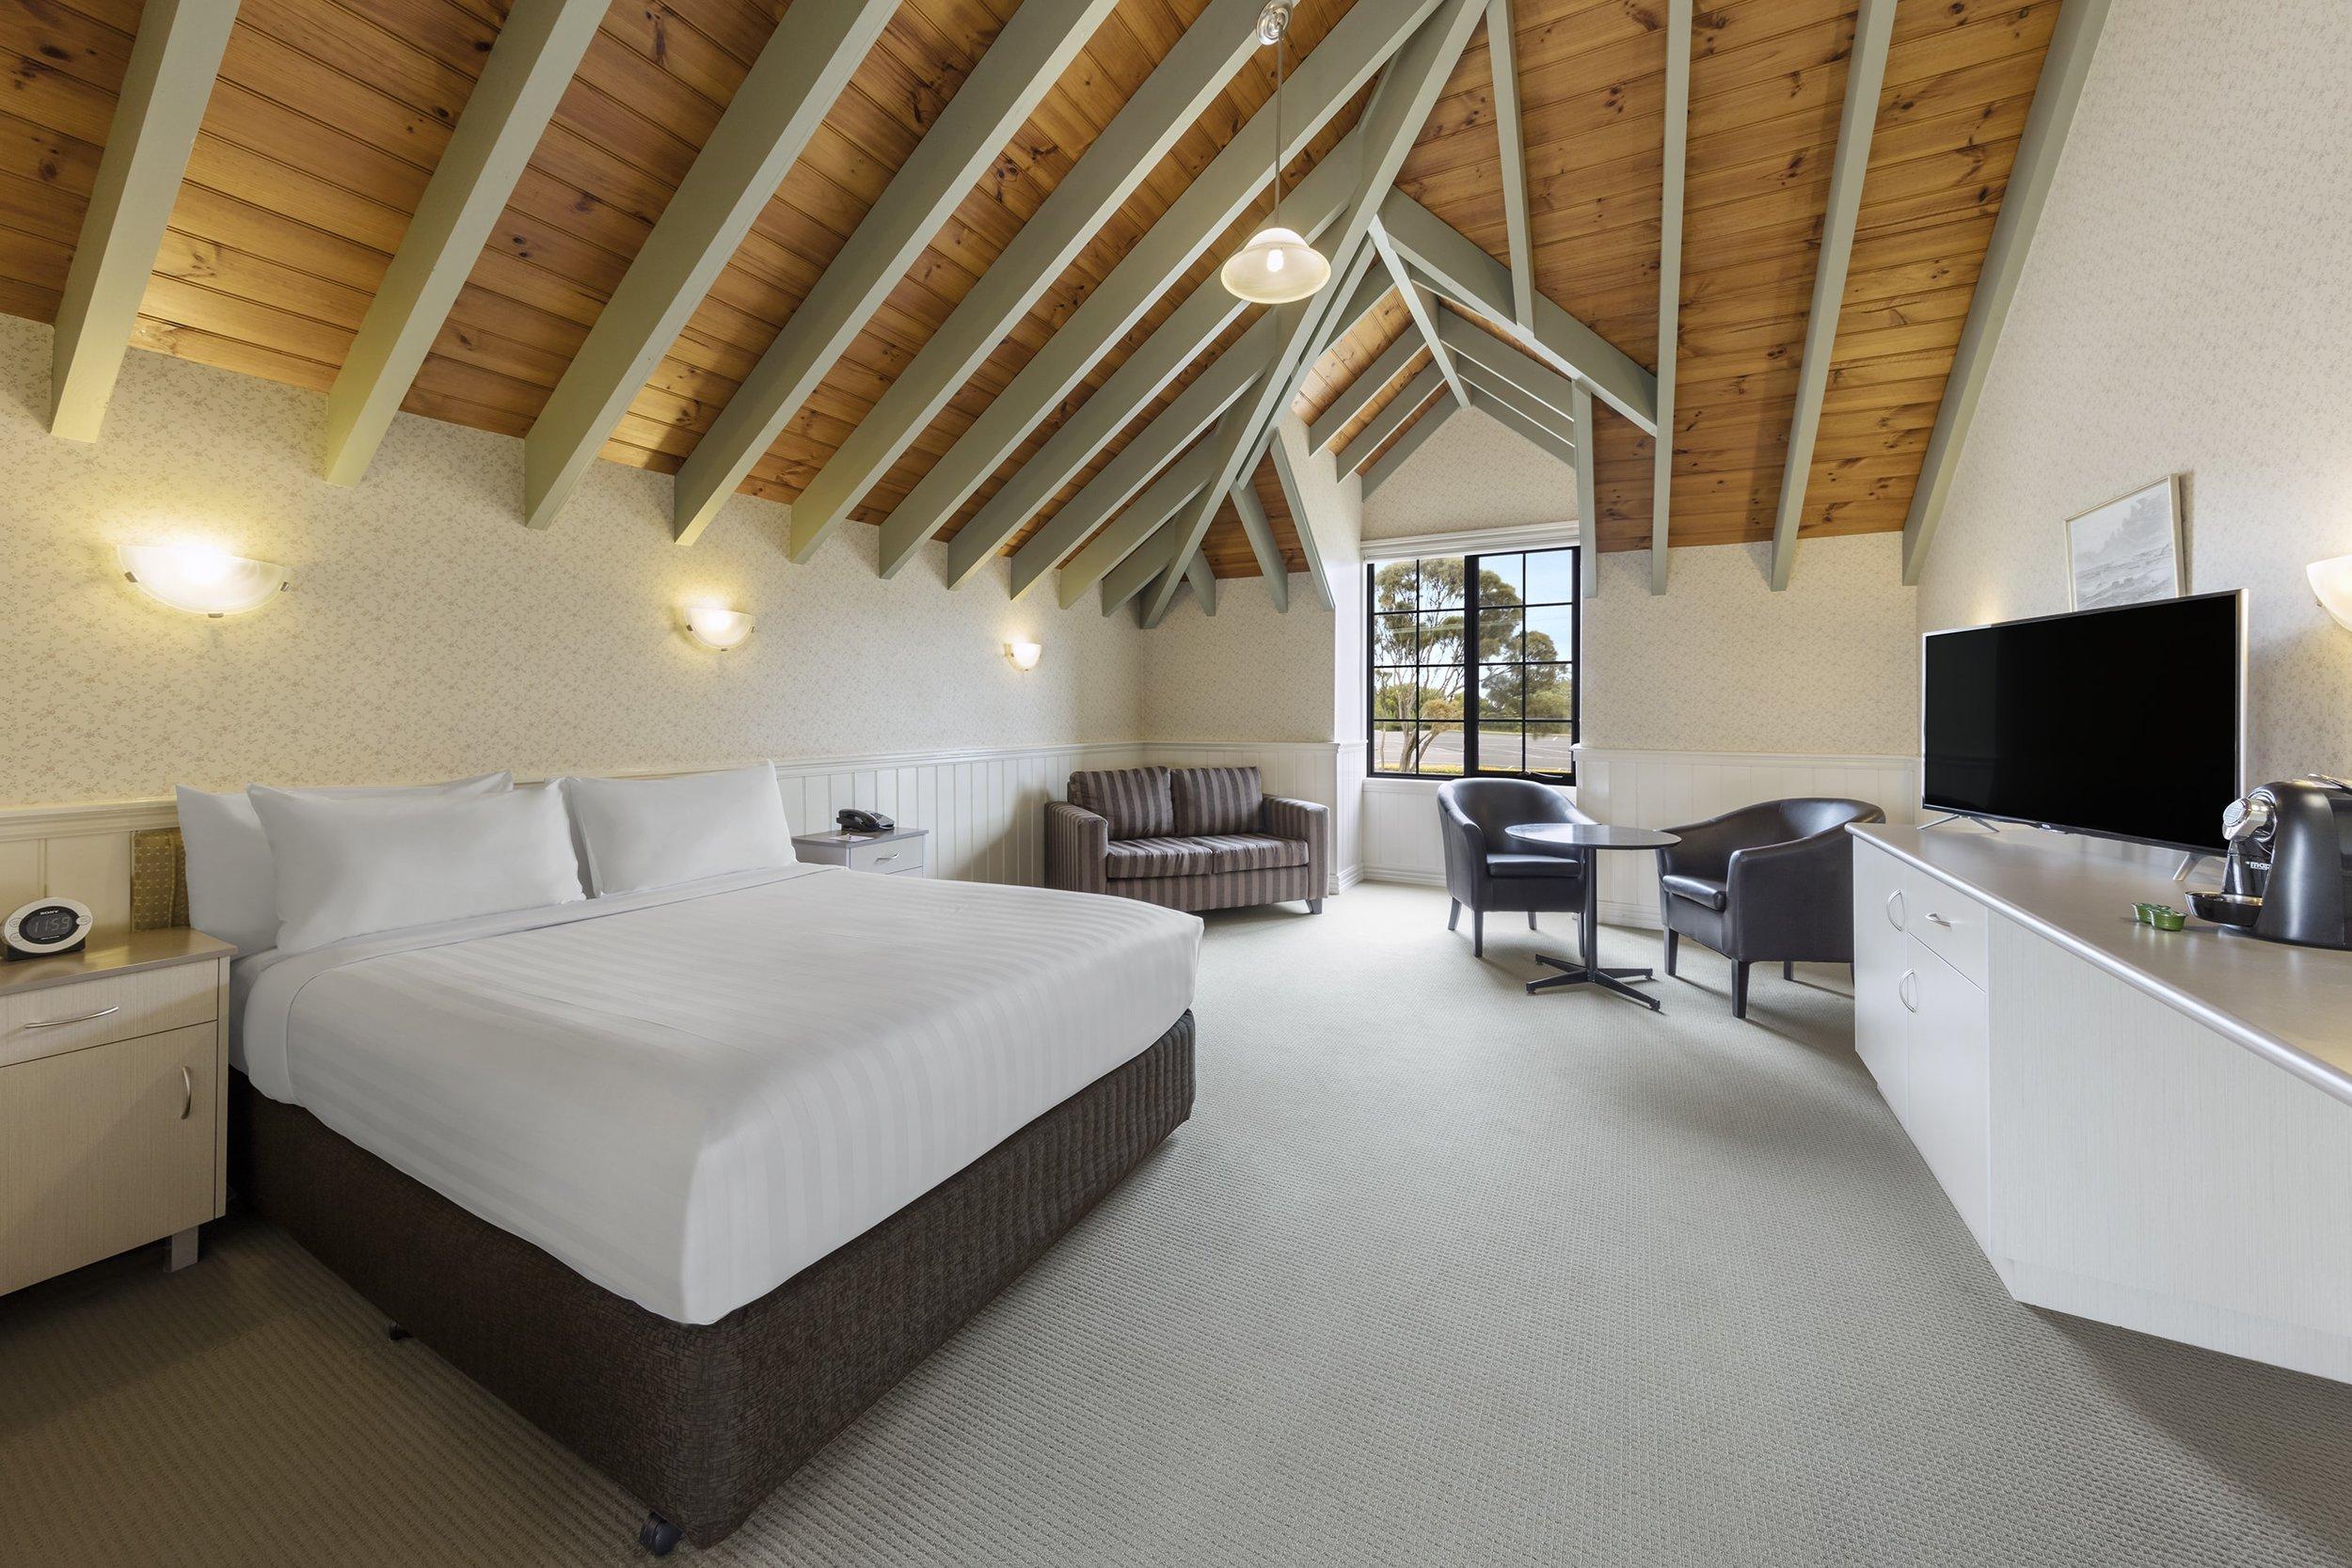 best-western-olde-maritime-warrnambool-hotel-accommodation-deluxe-spa-1.jpg